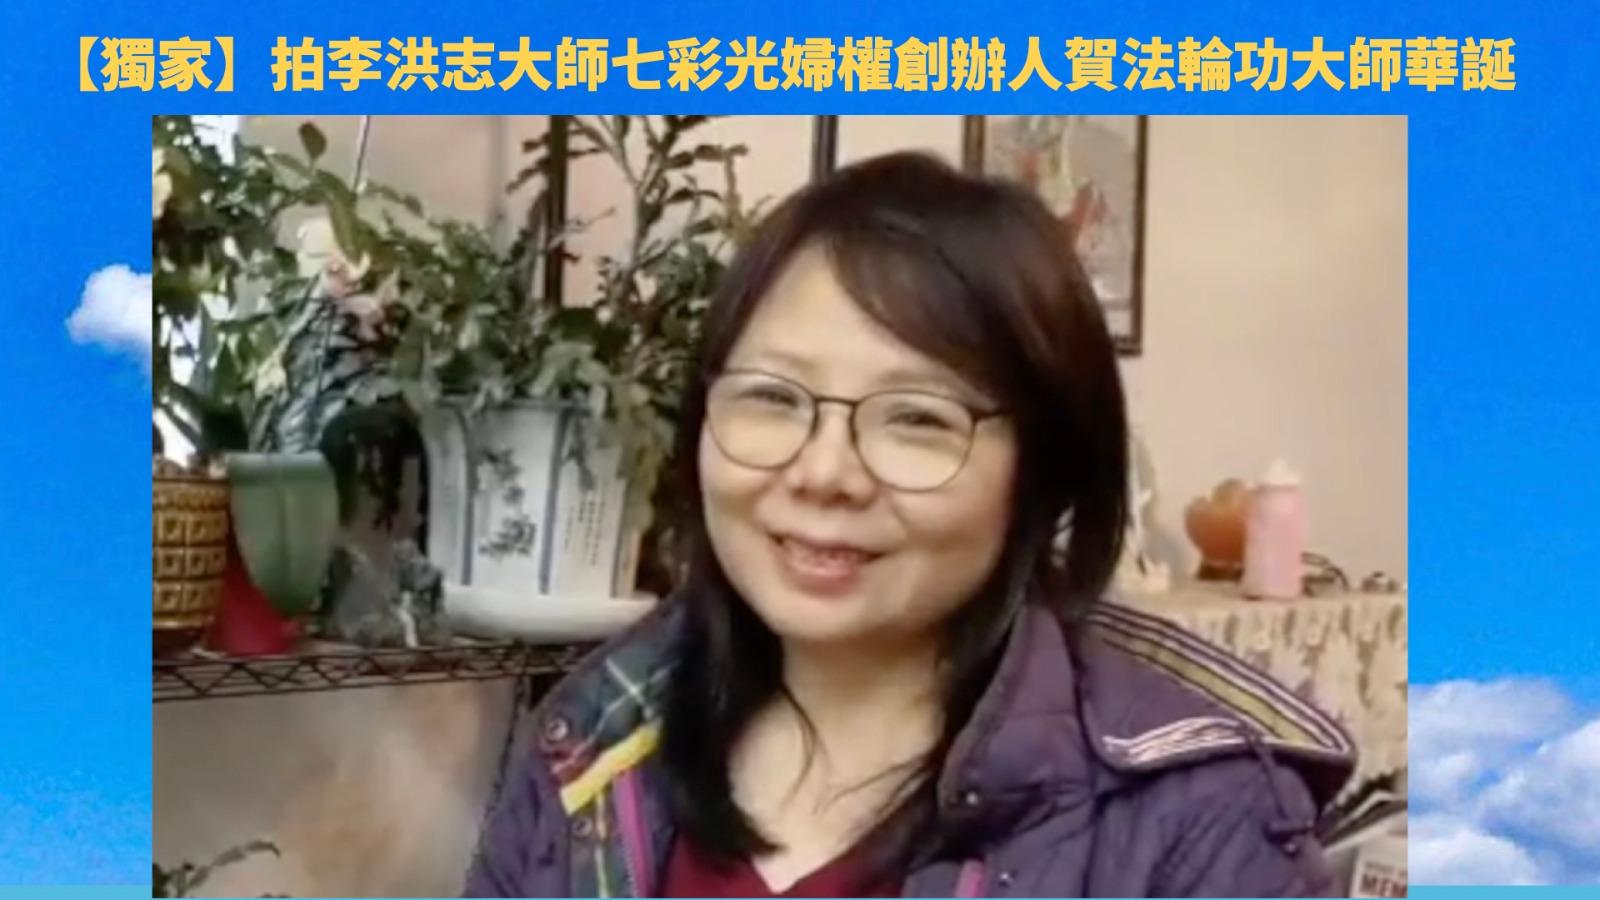 「中國婦權」組織創辦人、多年擔任華語媒體新聞編輯的張菁。(大紀元製圖)